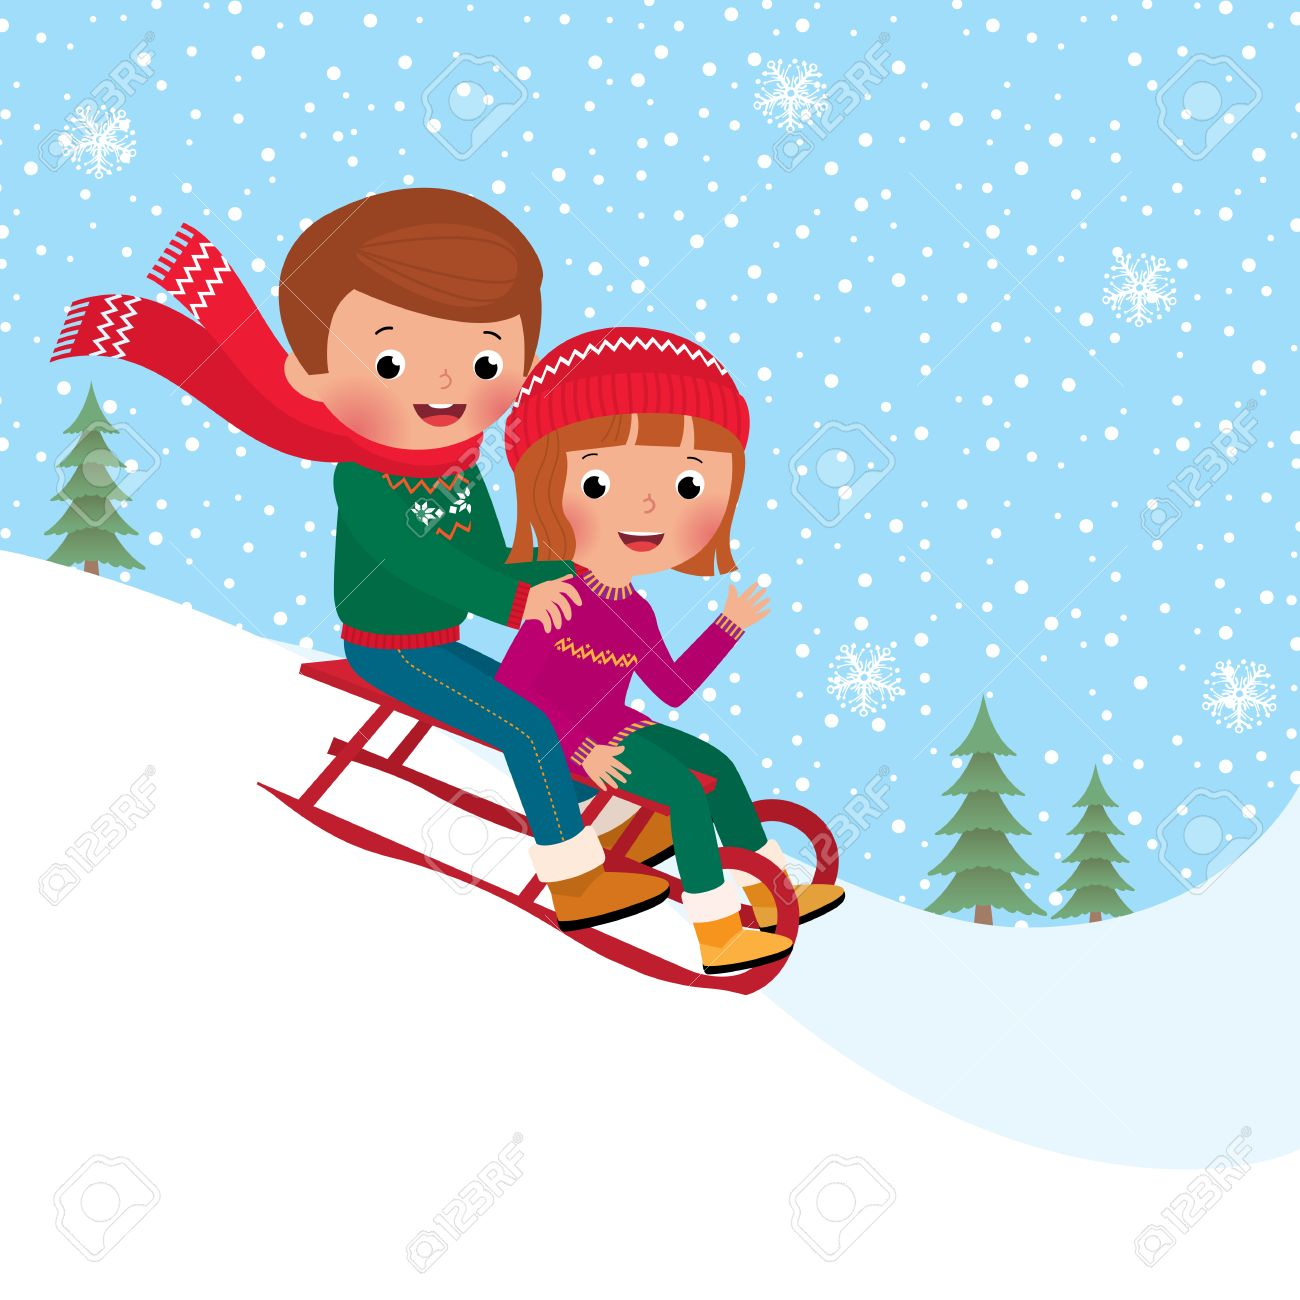 Illustration of boy and girl children sledding together - 33135825